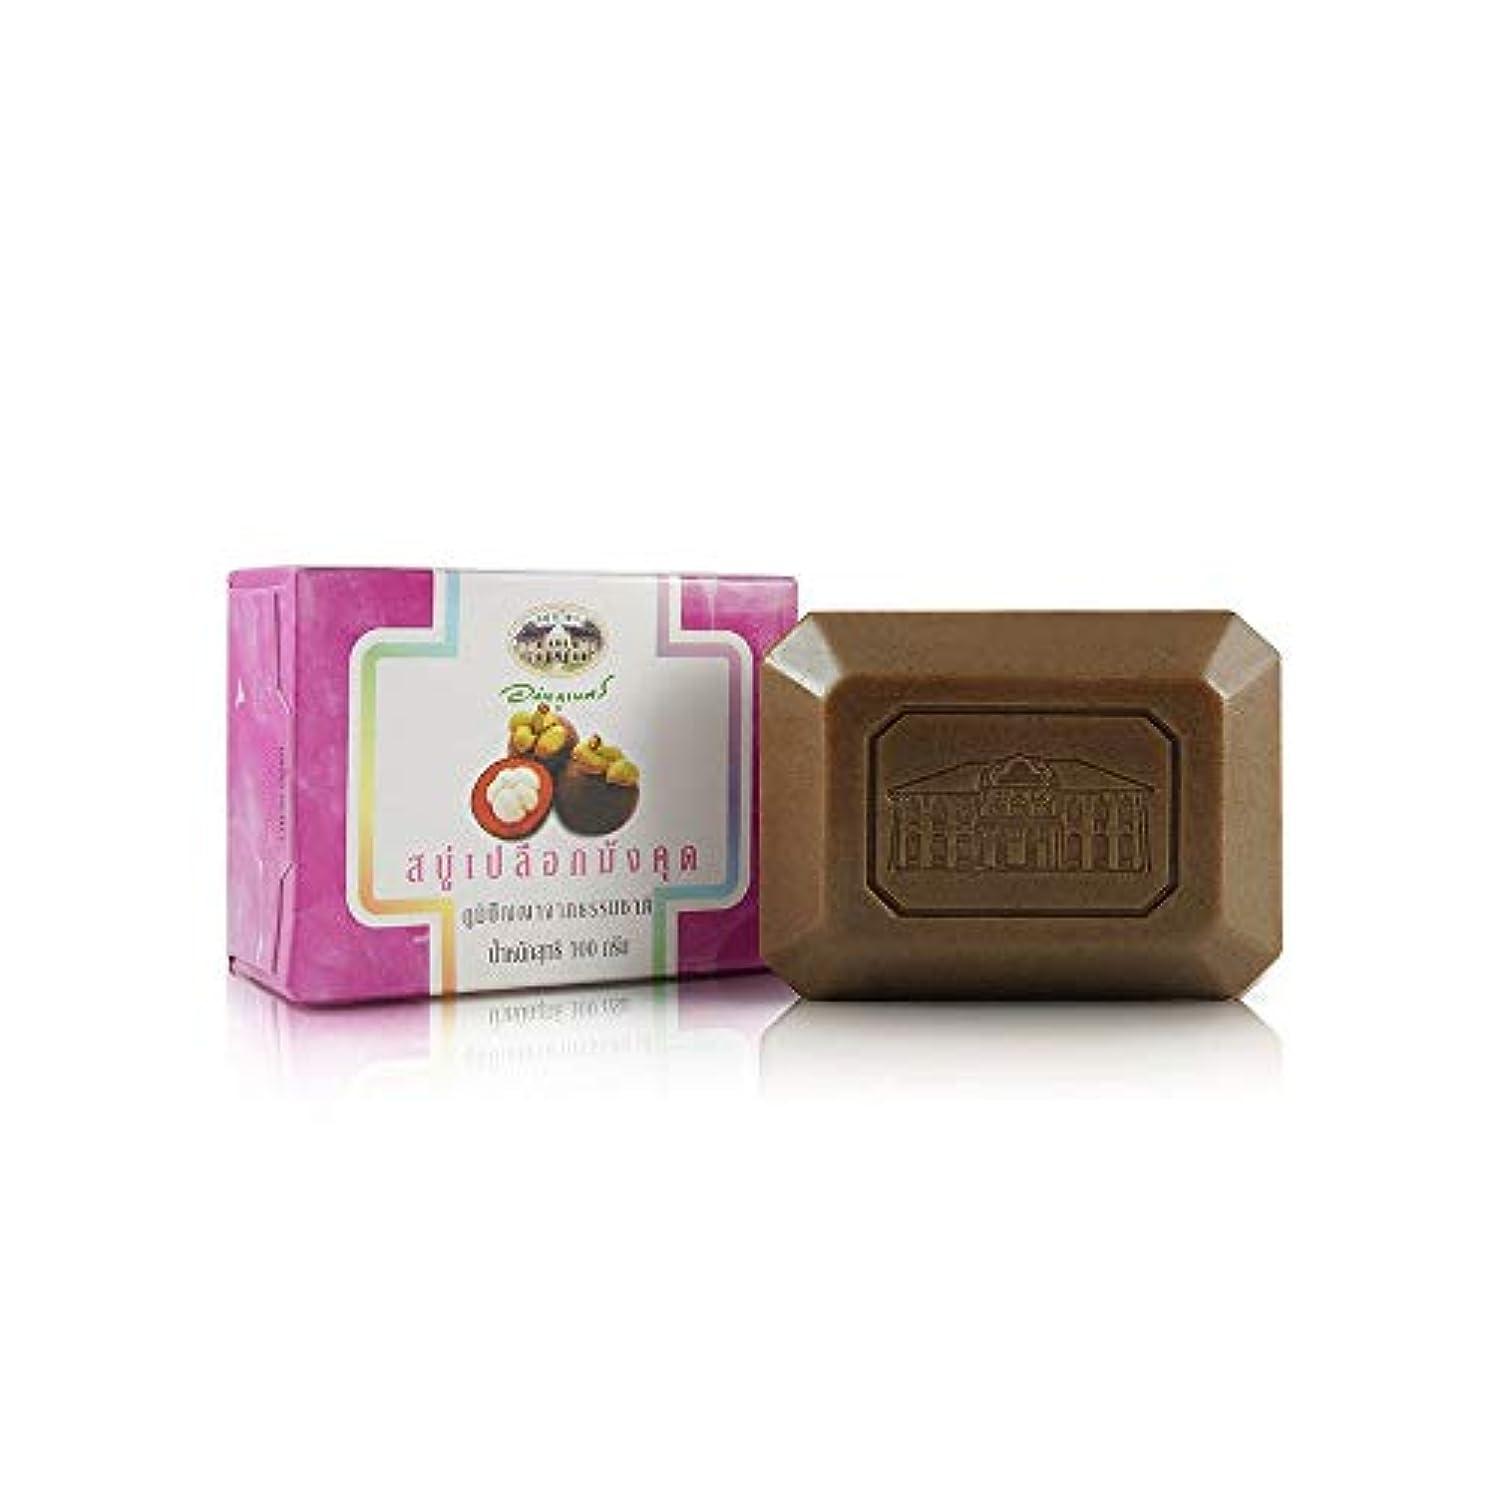 見込み明らか世論調査Abhaibhubejhr Mangosteen Peel Skin Herbal Body Cleansing Soap 100g. Abhaibhubejhrマンゴスチンピールスキンハーブボディクレンジングソープ100...